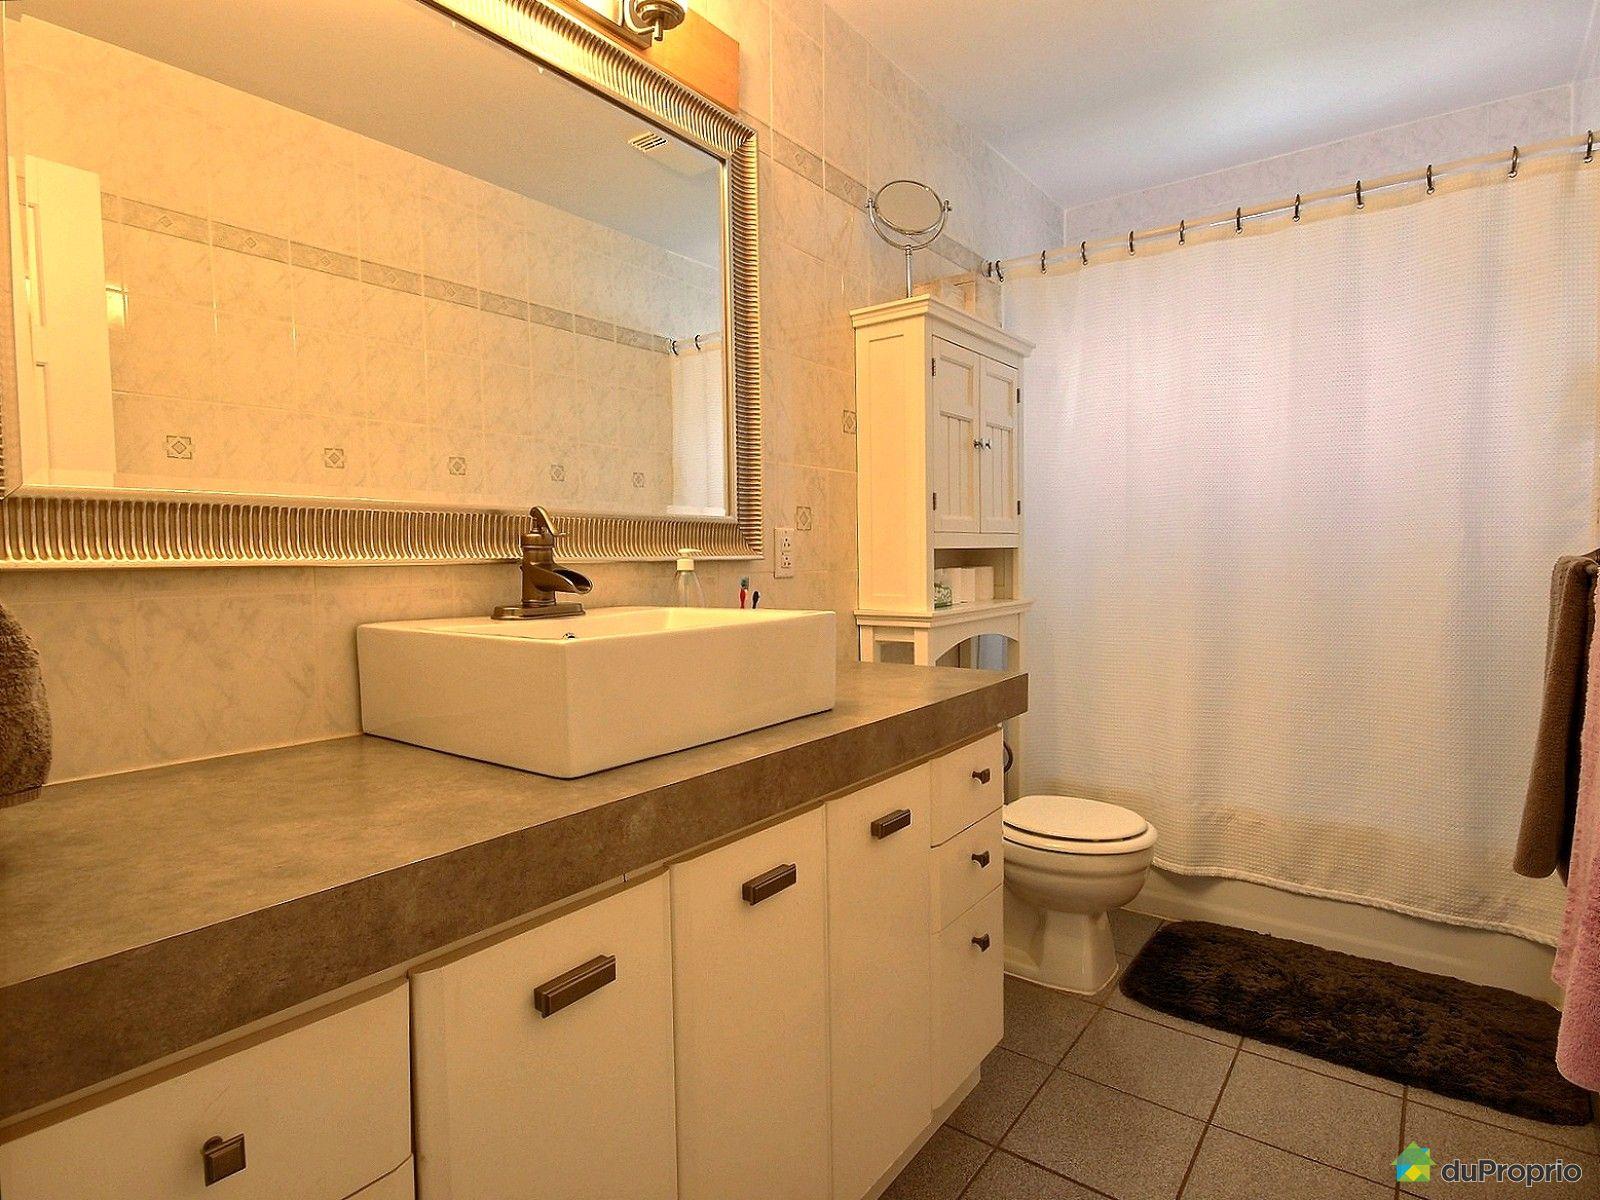 Jumel vendu longueuil immobilier qu bec duproprio 540469 for Salle de bain longueuil